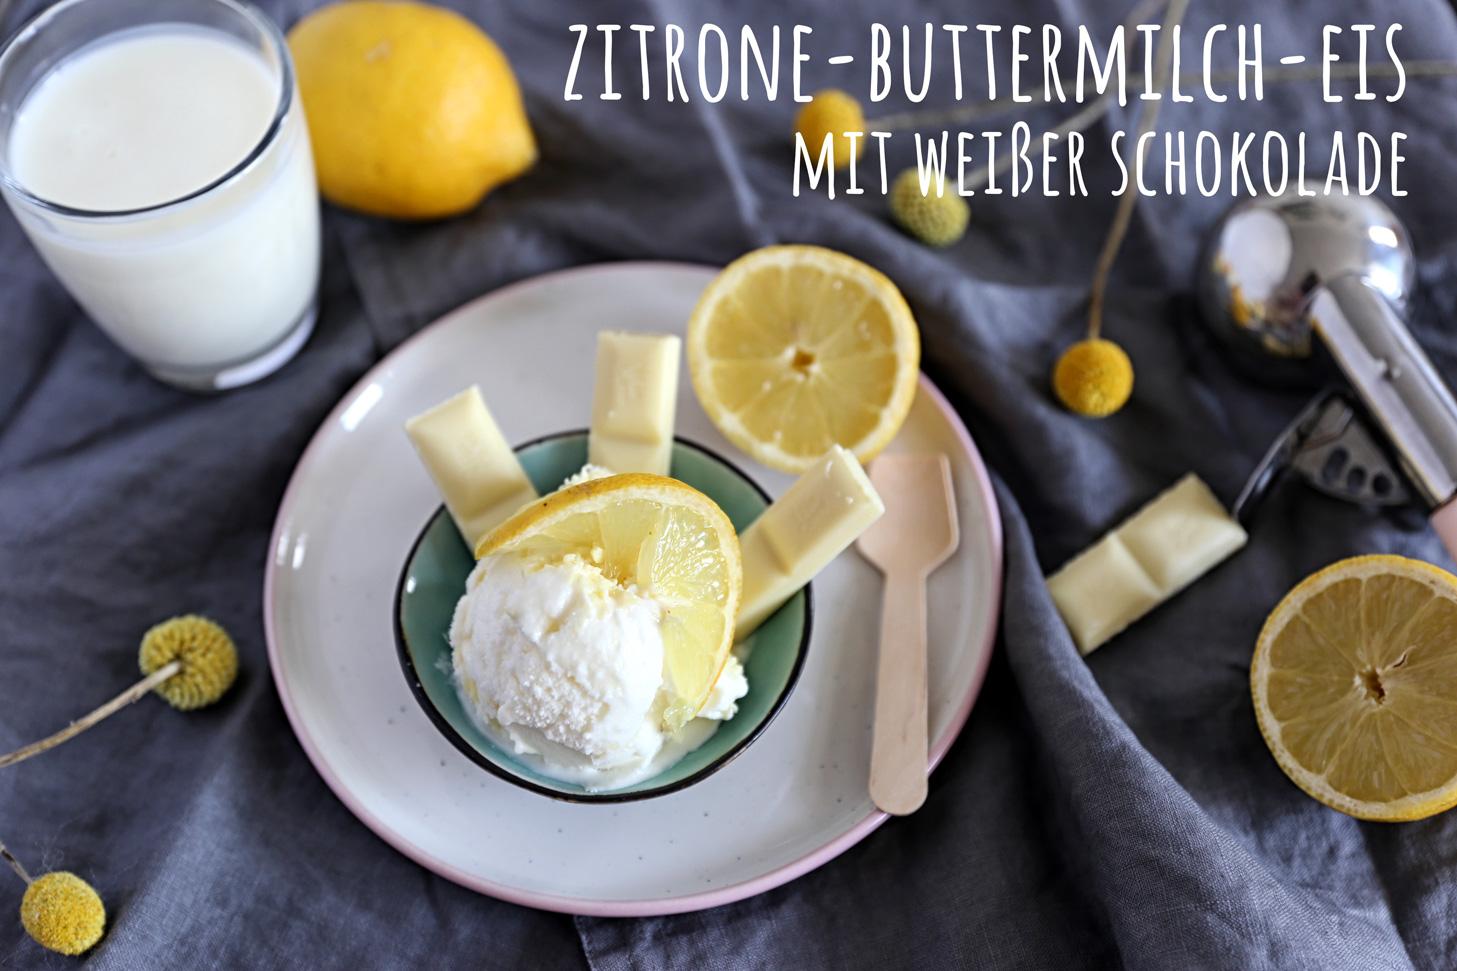 Zitrone-Buttermilch-Eis